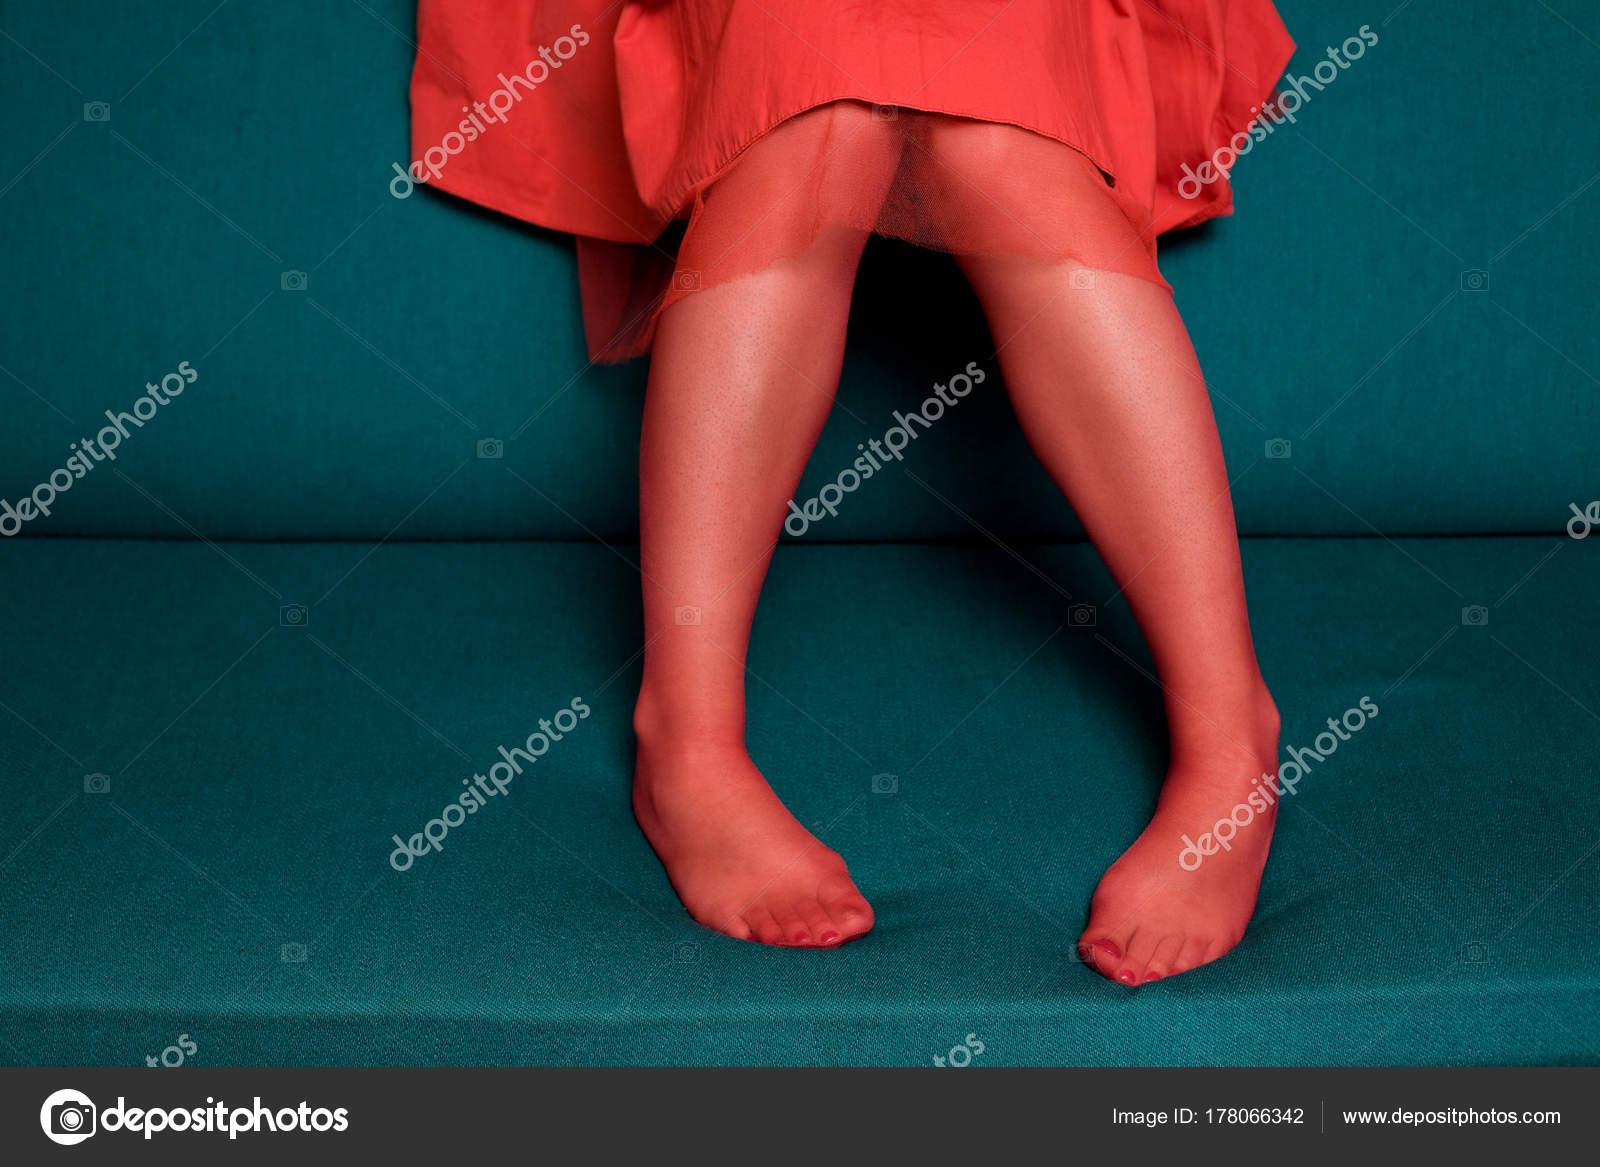 Трахаются юбки зрелых на диване фото девушек показывающих грудь